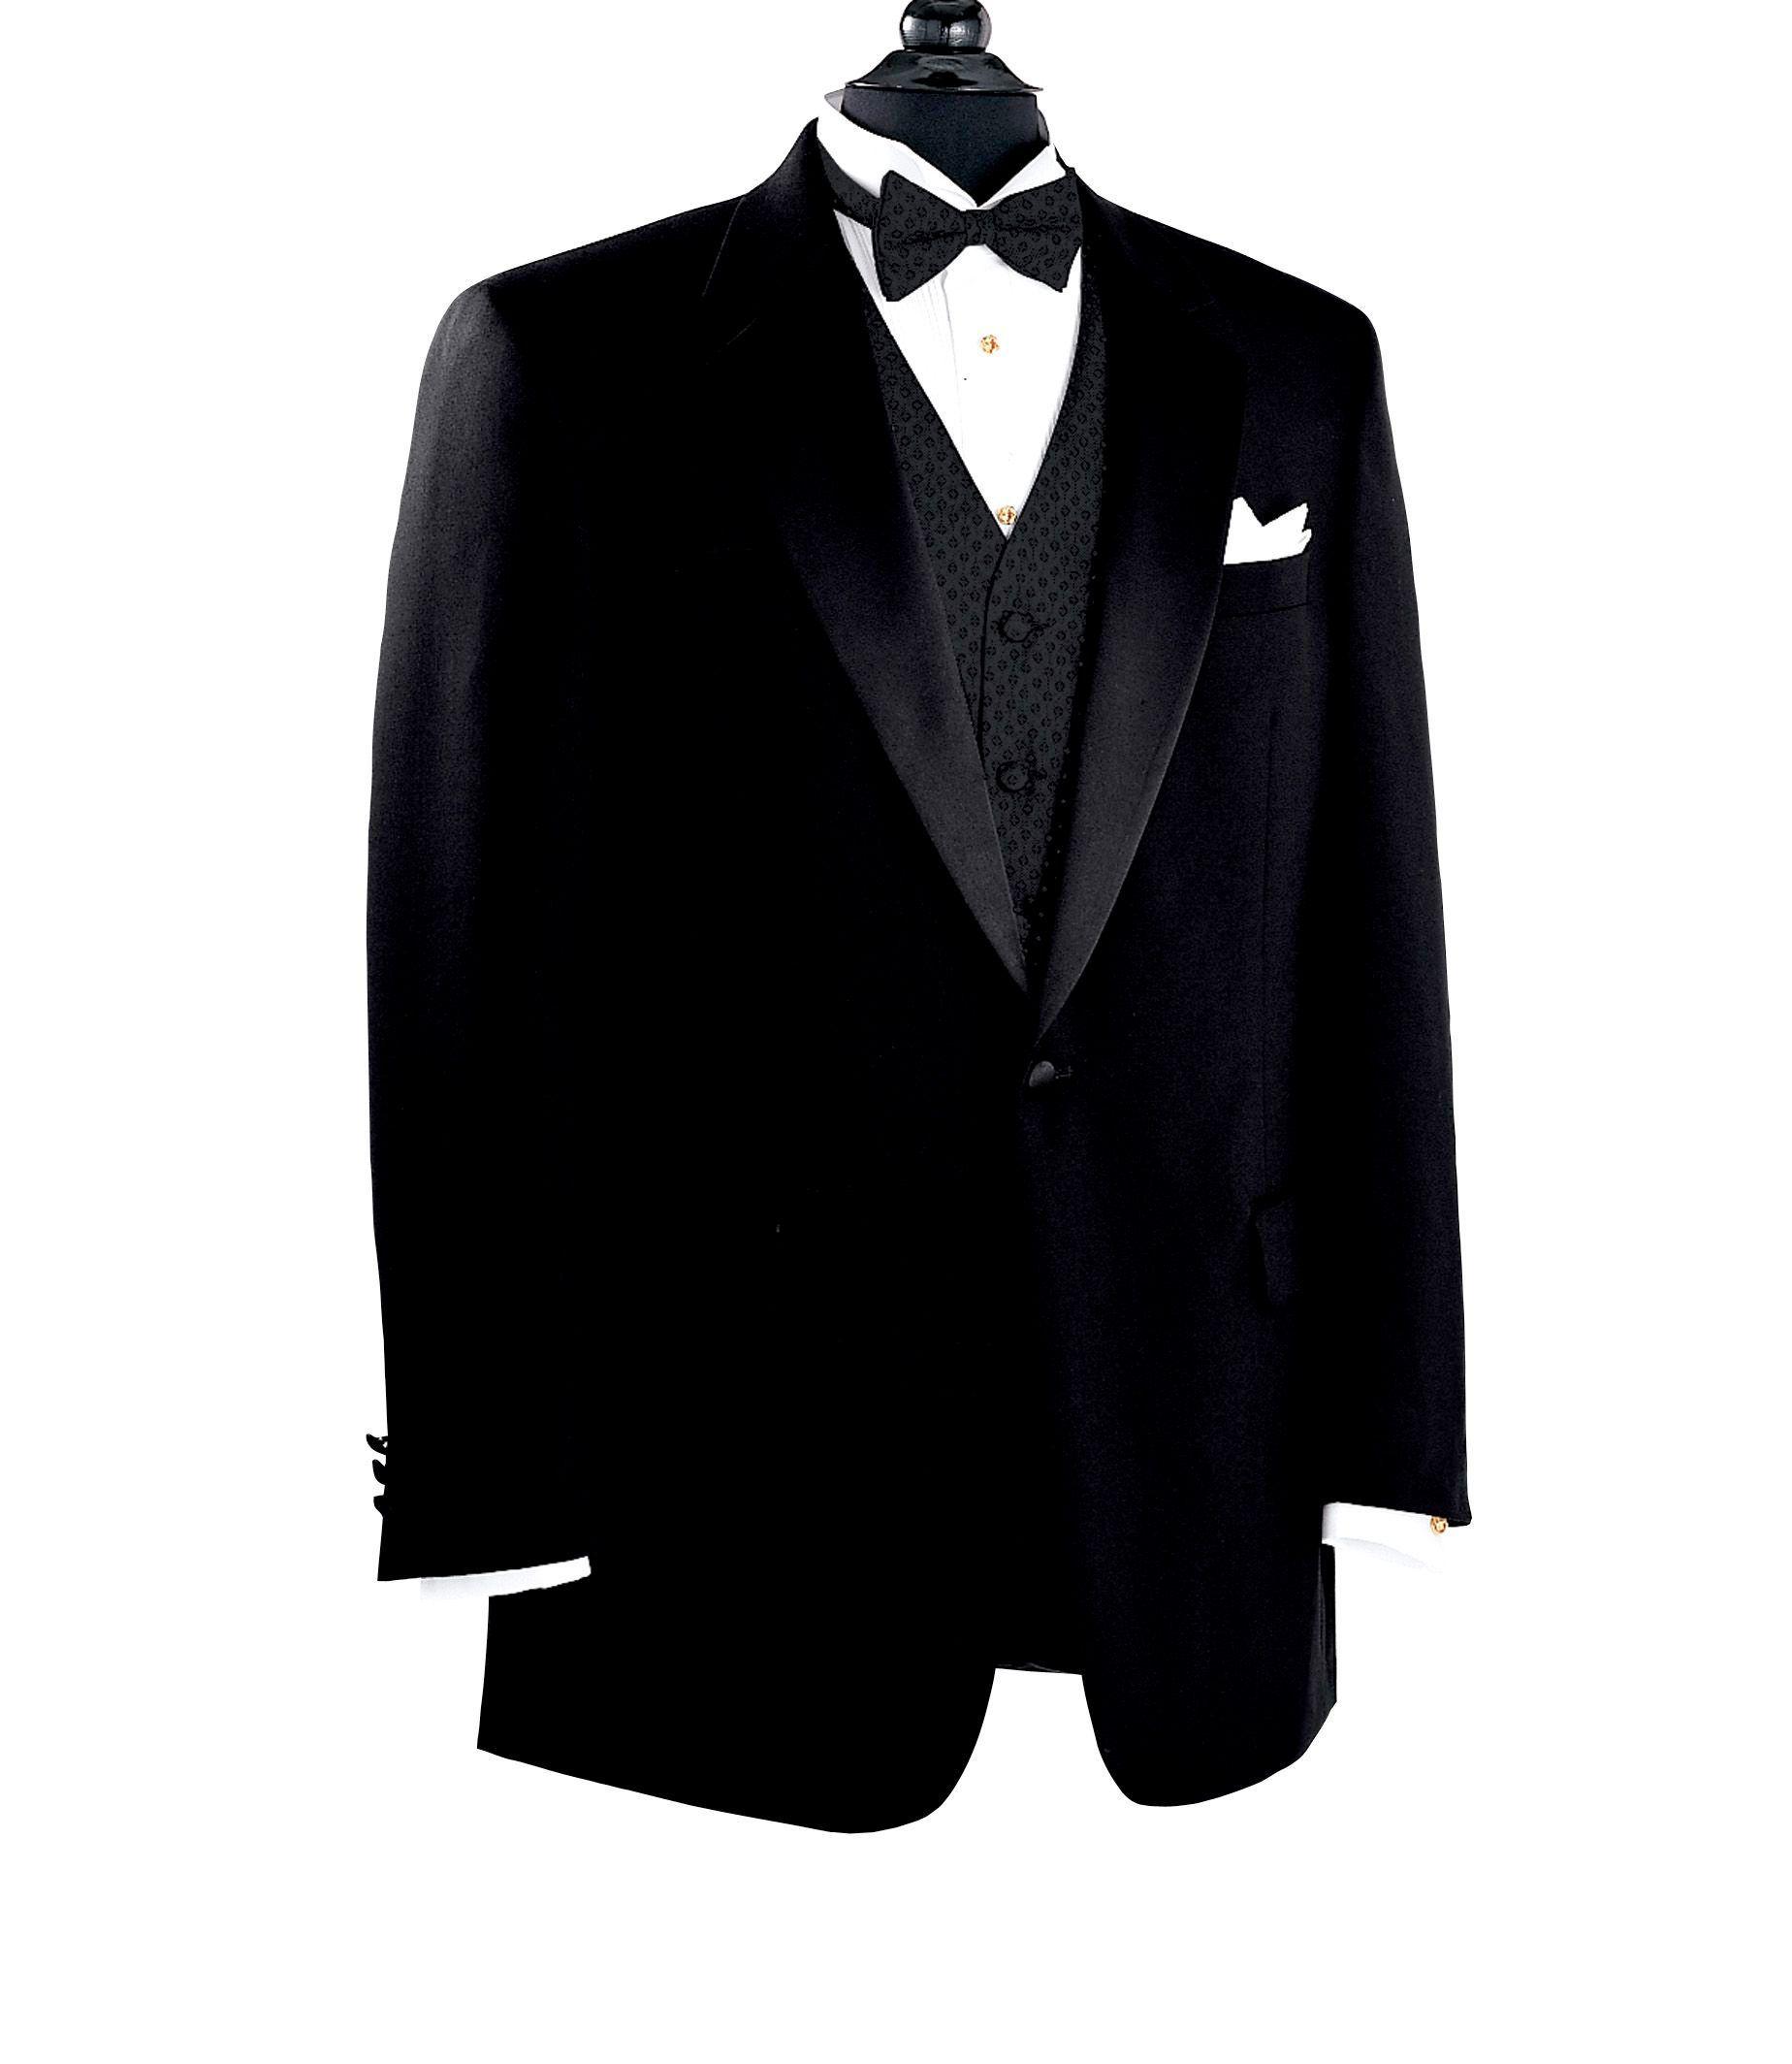 Mens jacket deals - Mens Jacket Deals 35